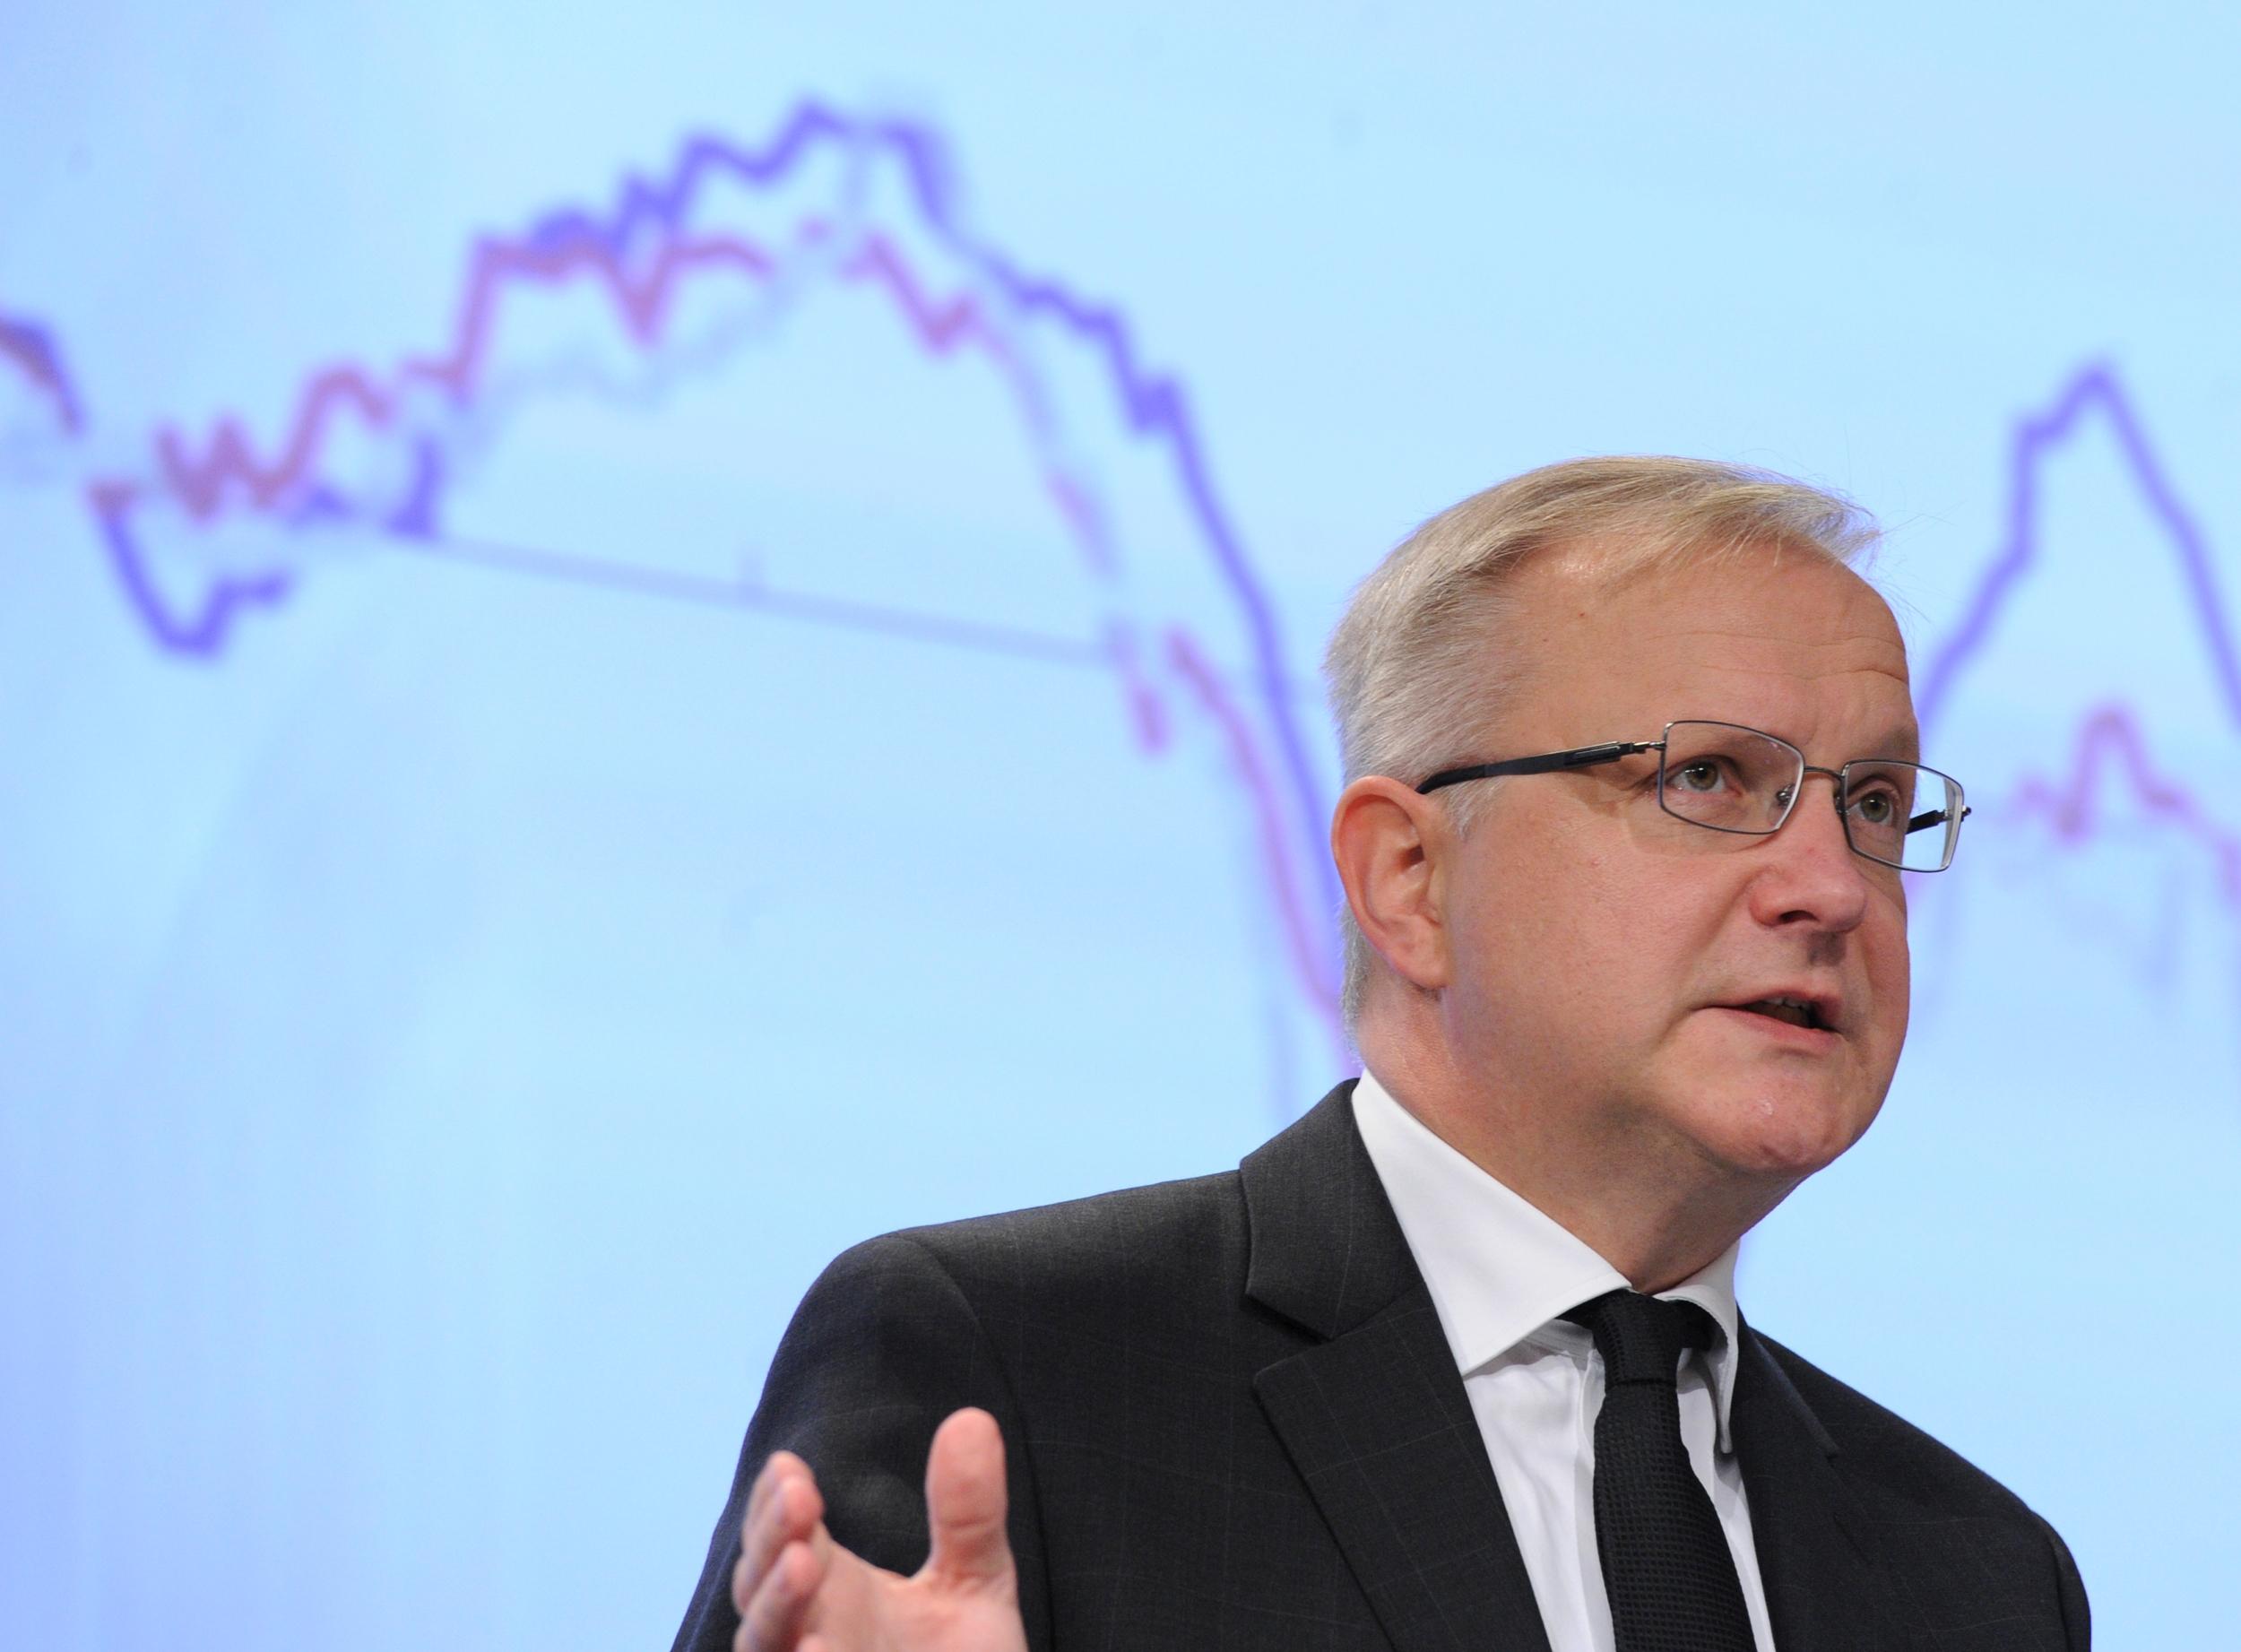 Le sbandate di Rehn non solo sulla Ferrari